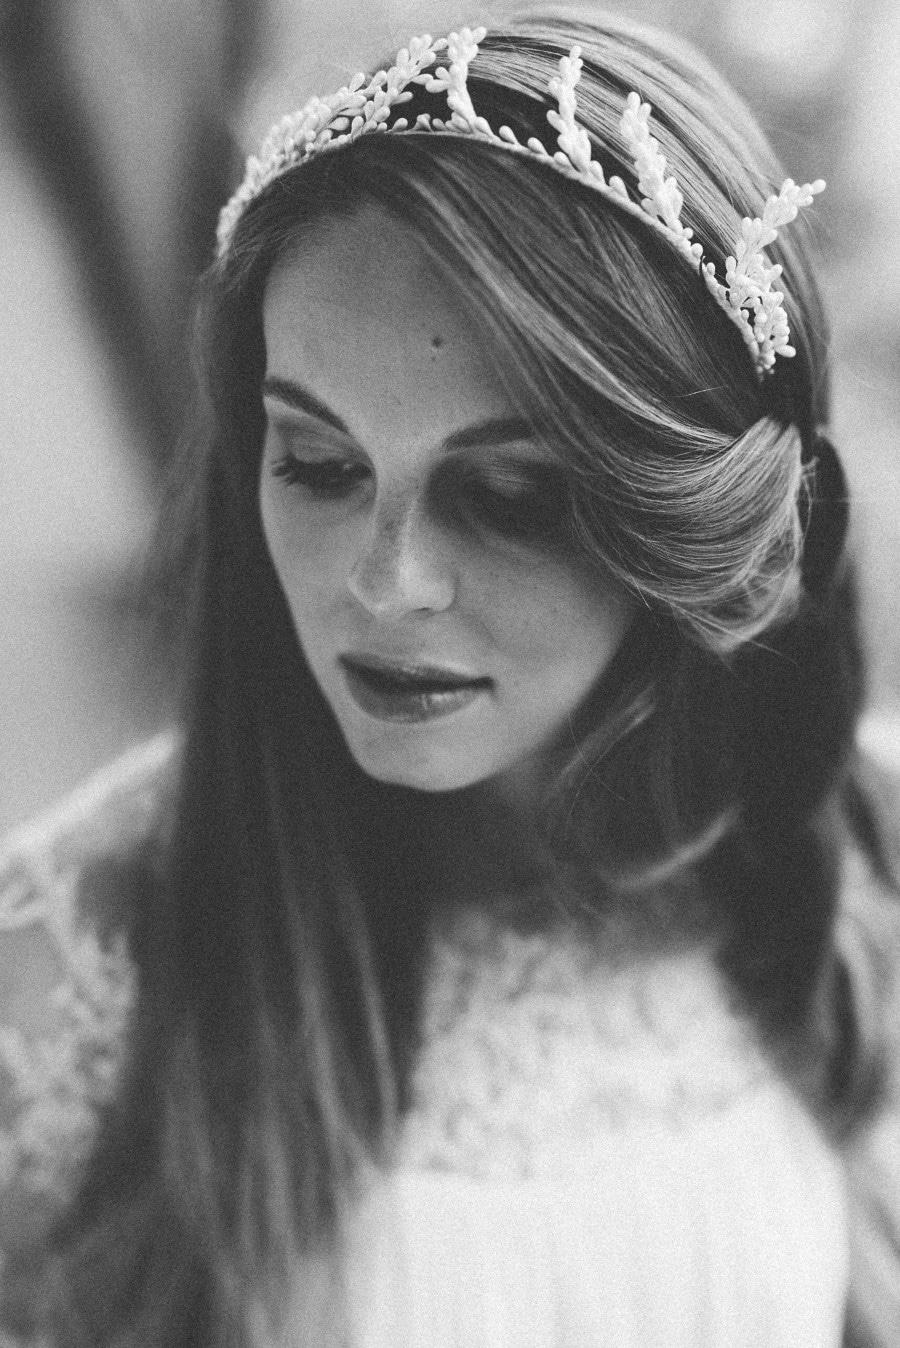 Brautfrisur für lange Haare, offen oder zum Hochstecken, mit edlen Haarschmuck-Accessoires aus Perlen und Blüten von Blackbirdspearl - bei elfenkleid in München